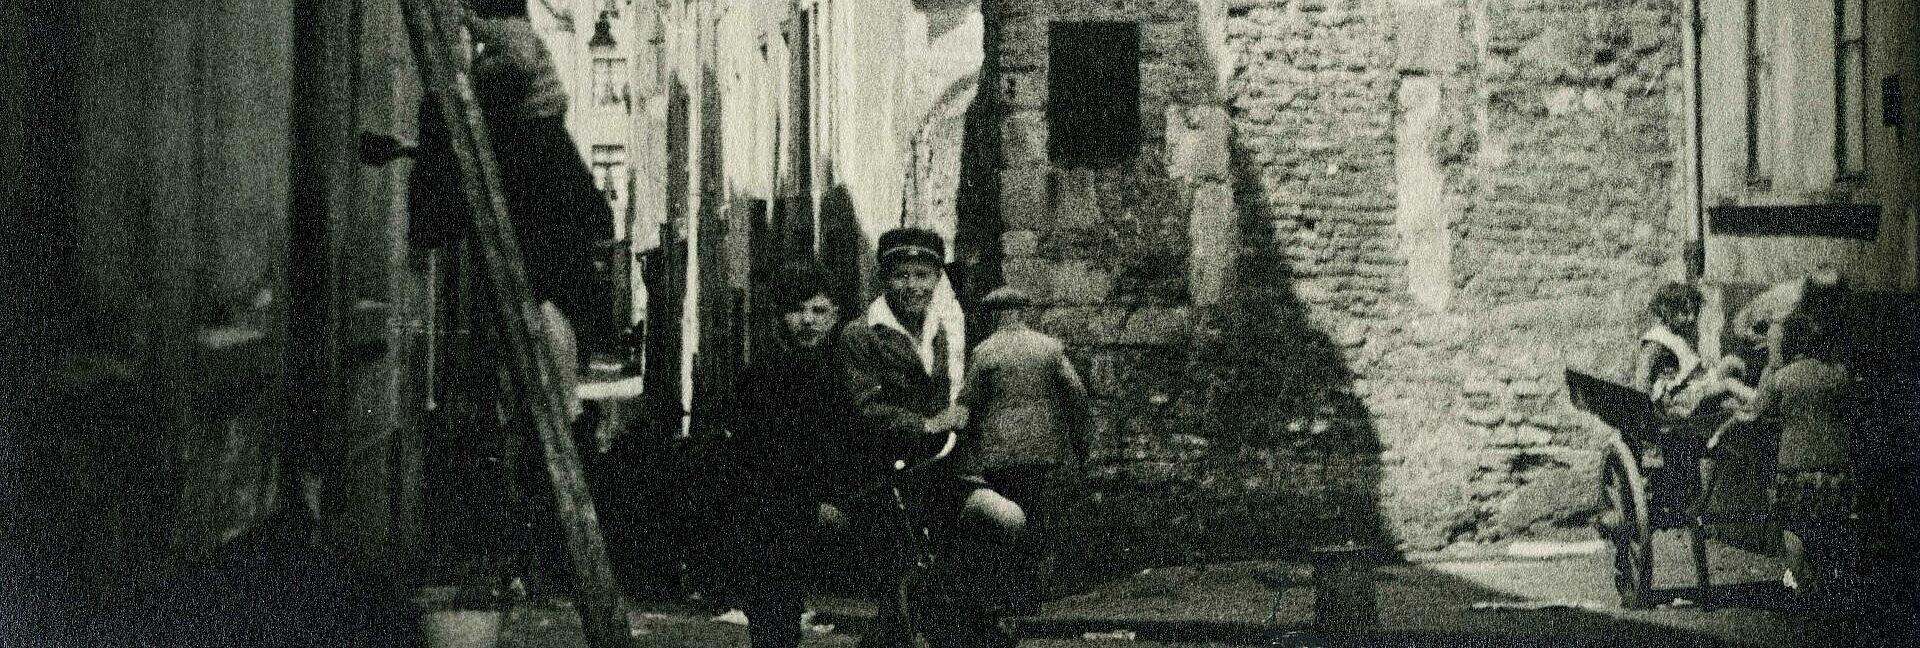 Historisches Foto von Kindern zwischen Häusern in der Kölner Innenstadt